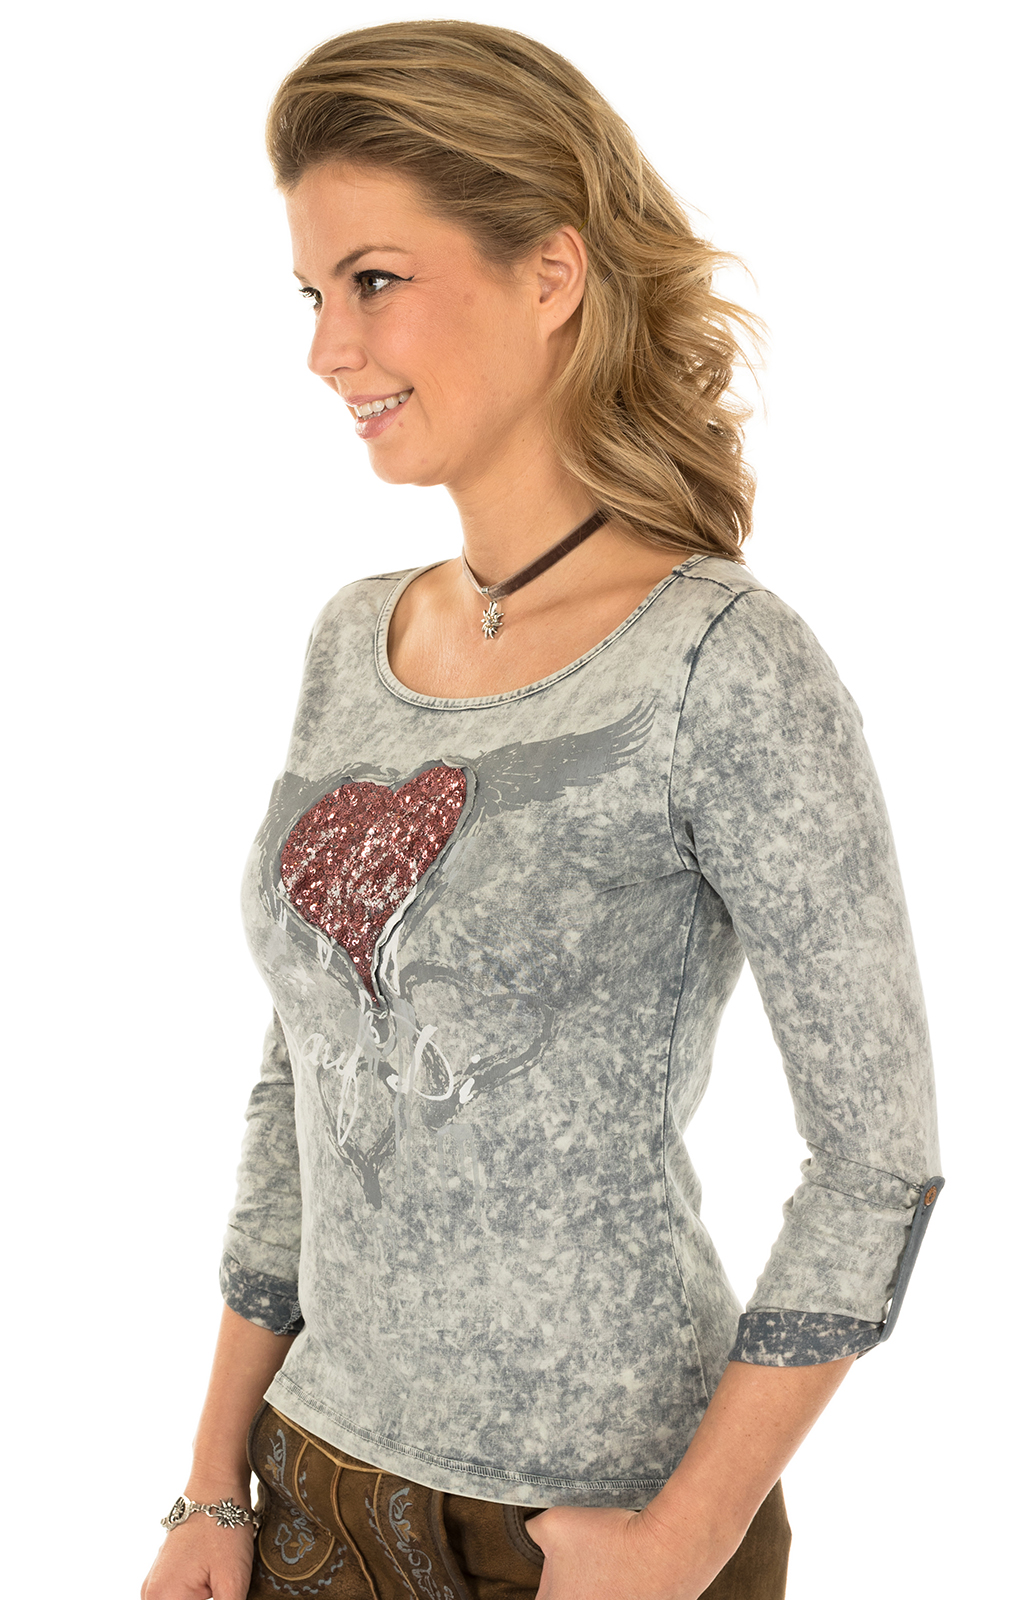 weitere Bilder von Trachten Shirt K30-FLIAGA gray